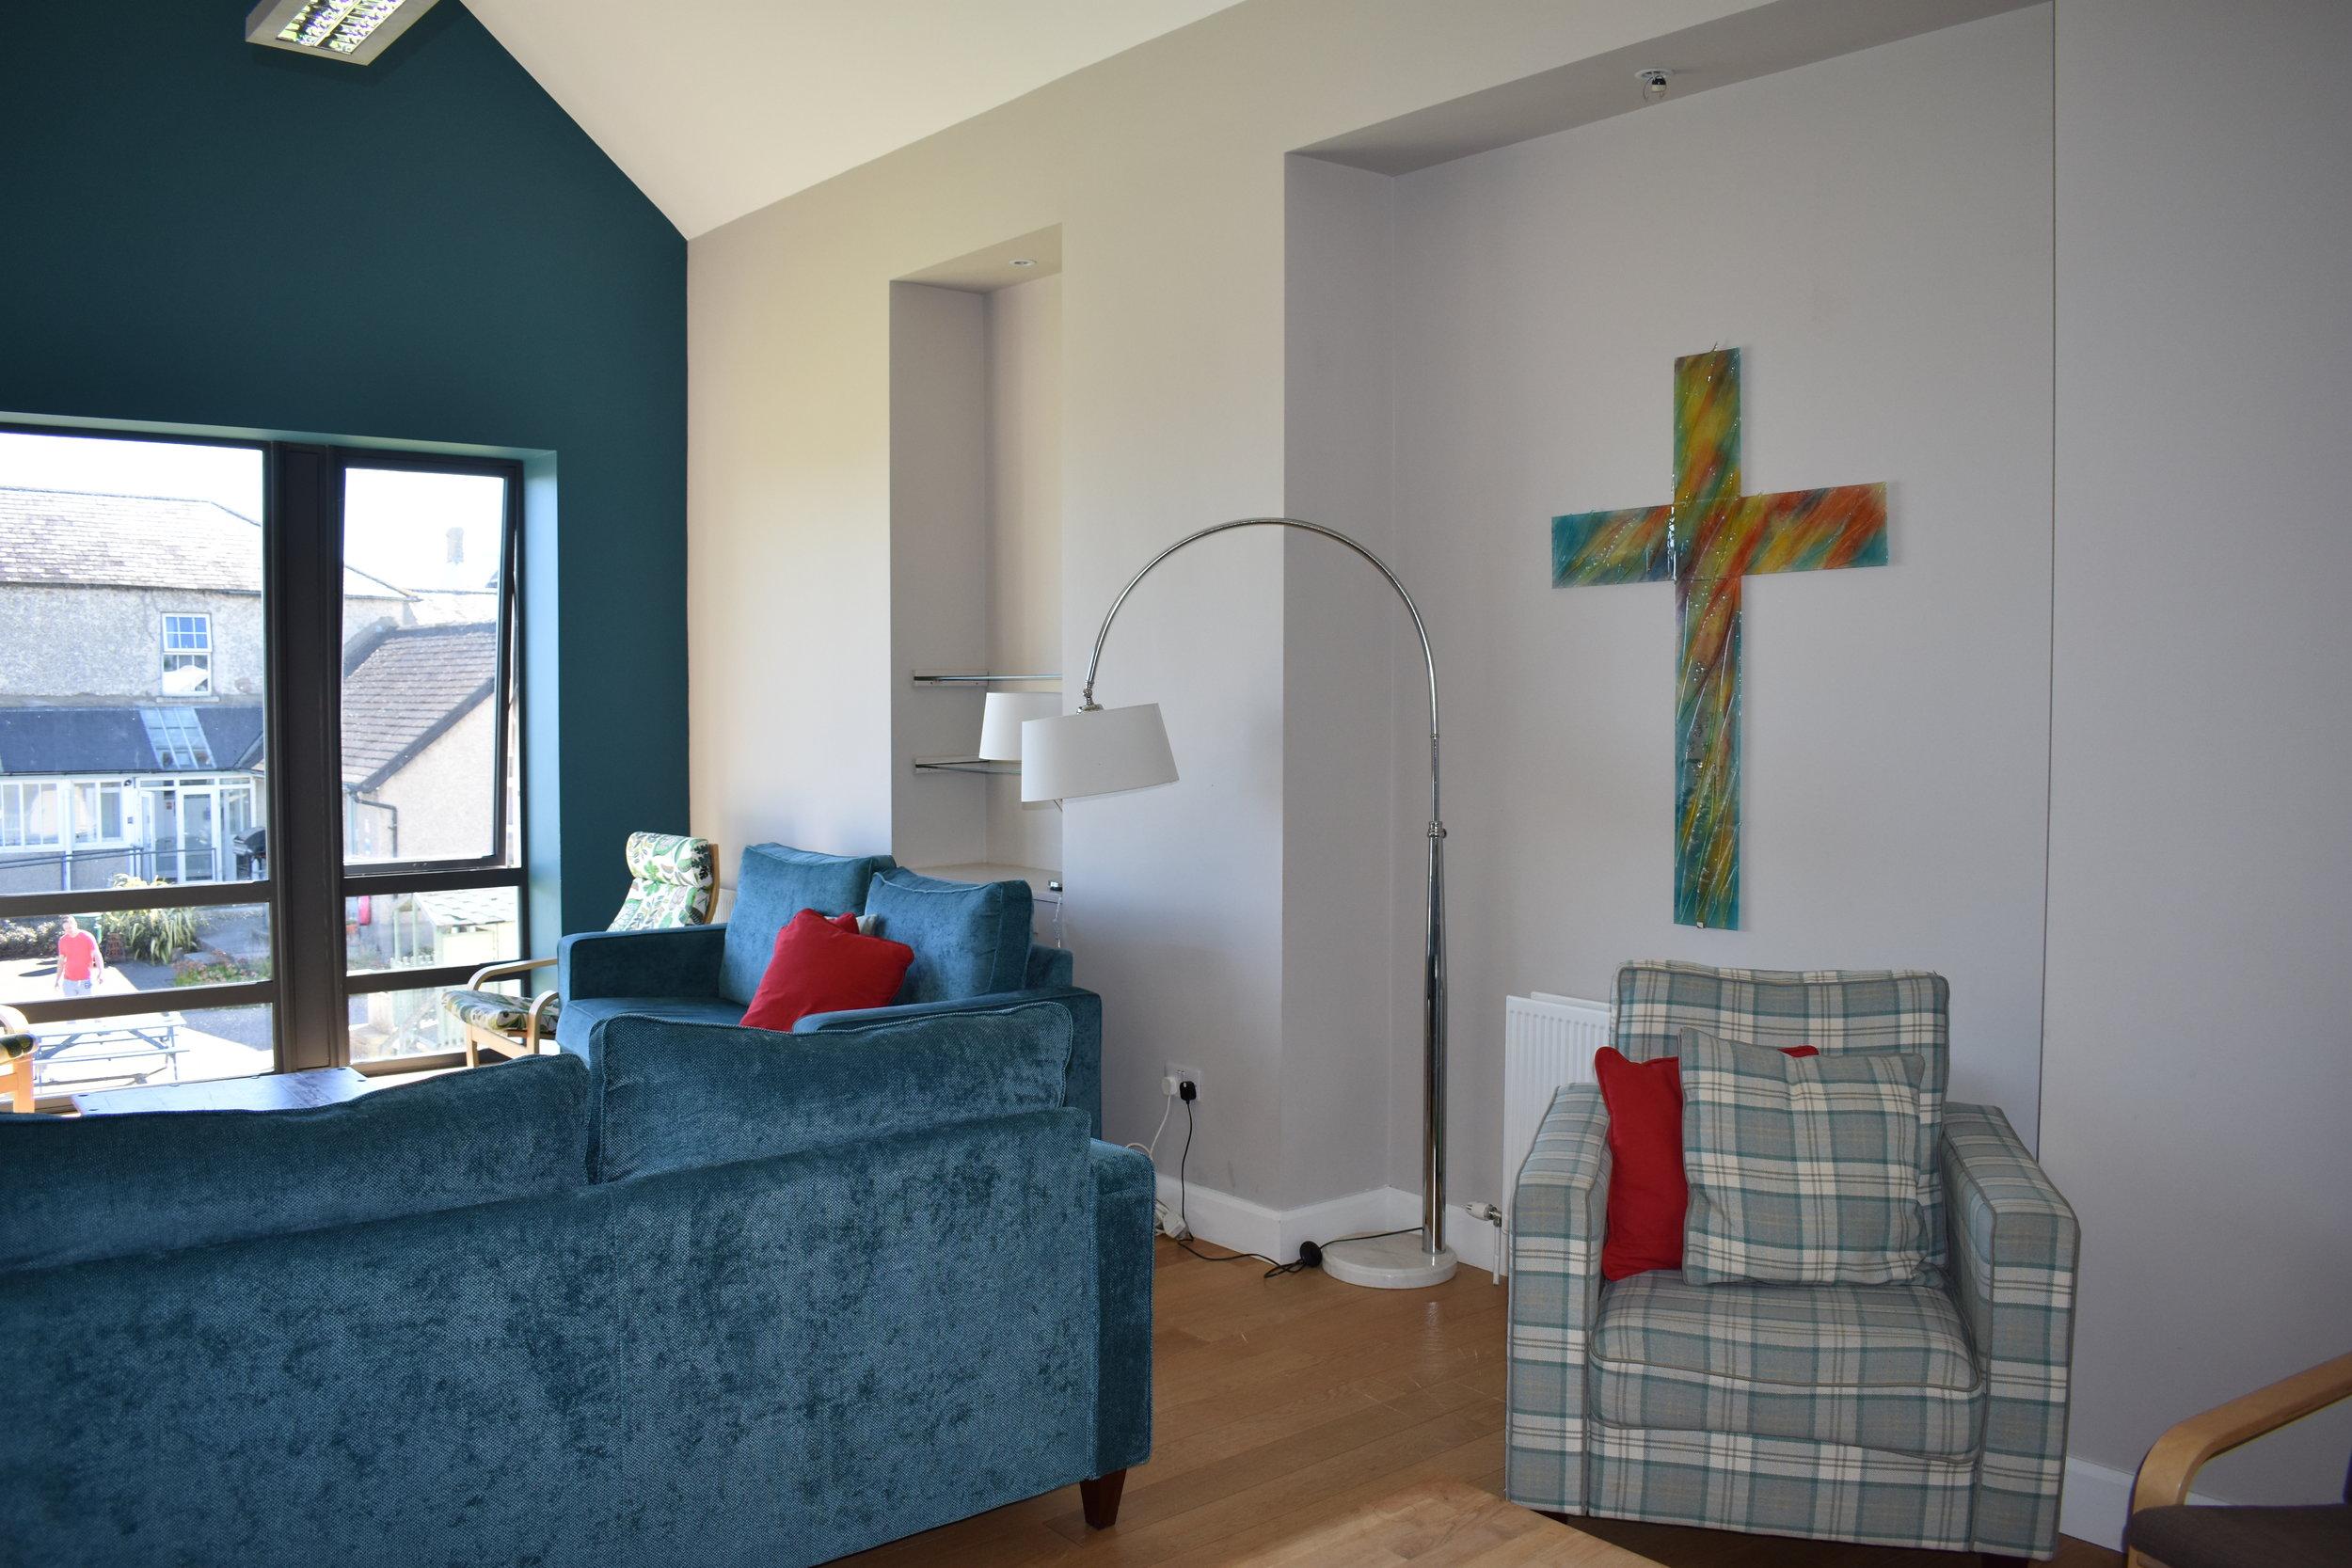 The Kim Irvine Room